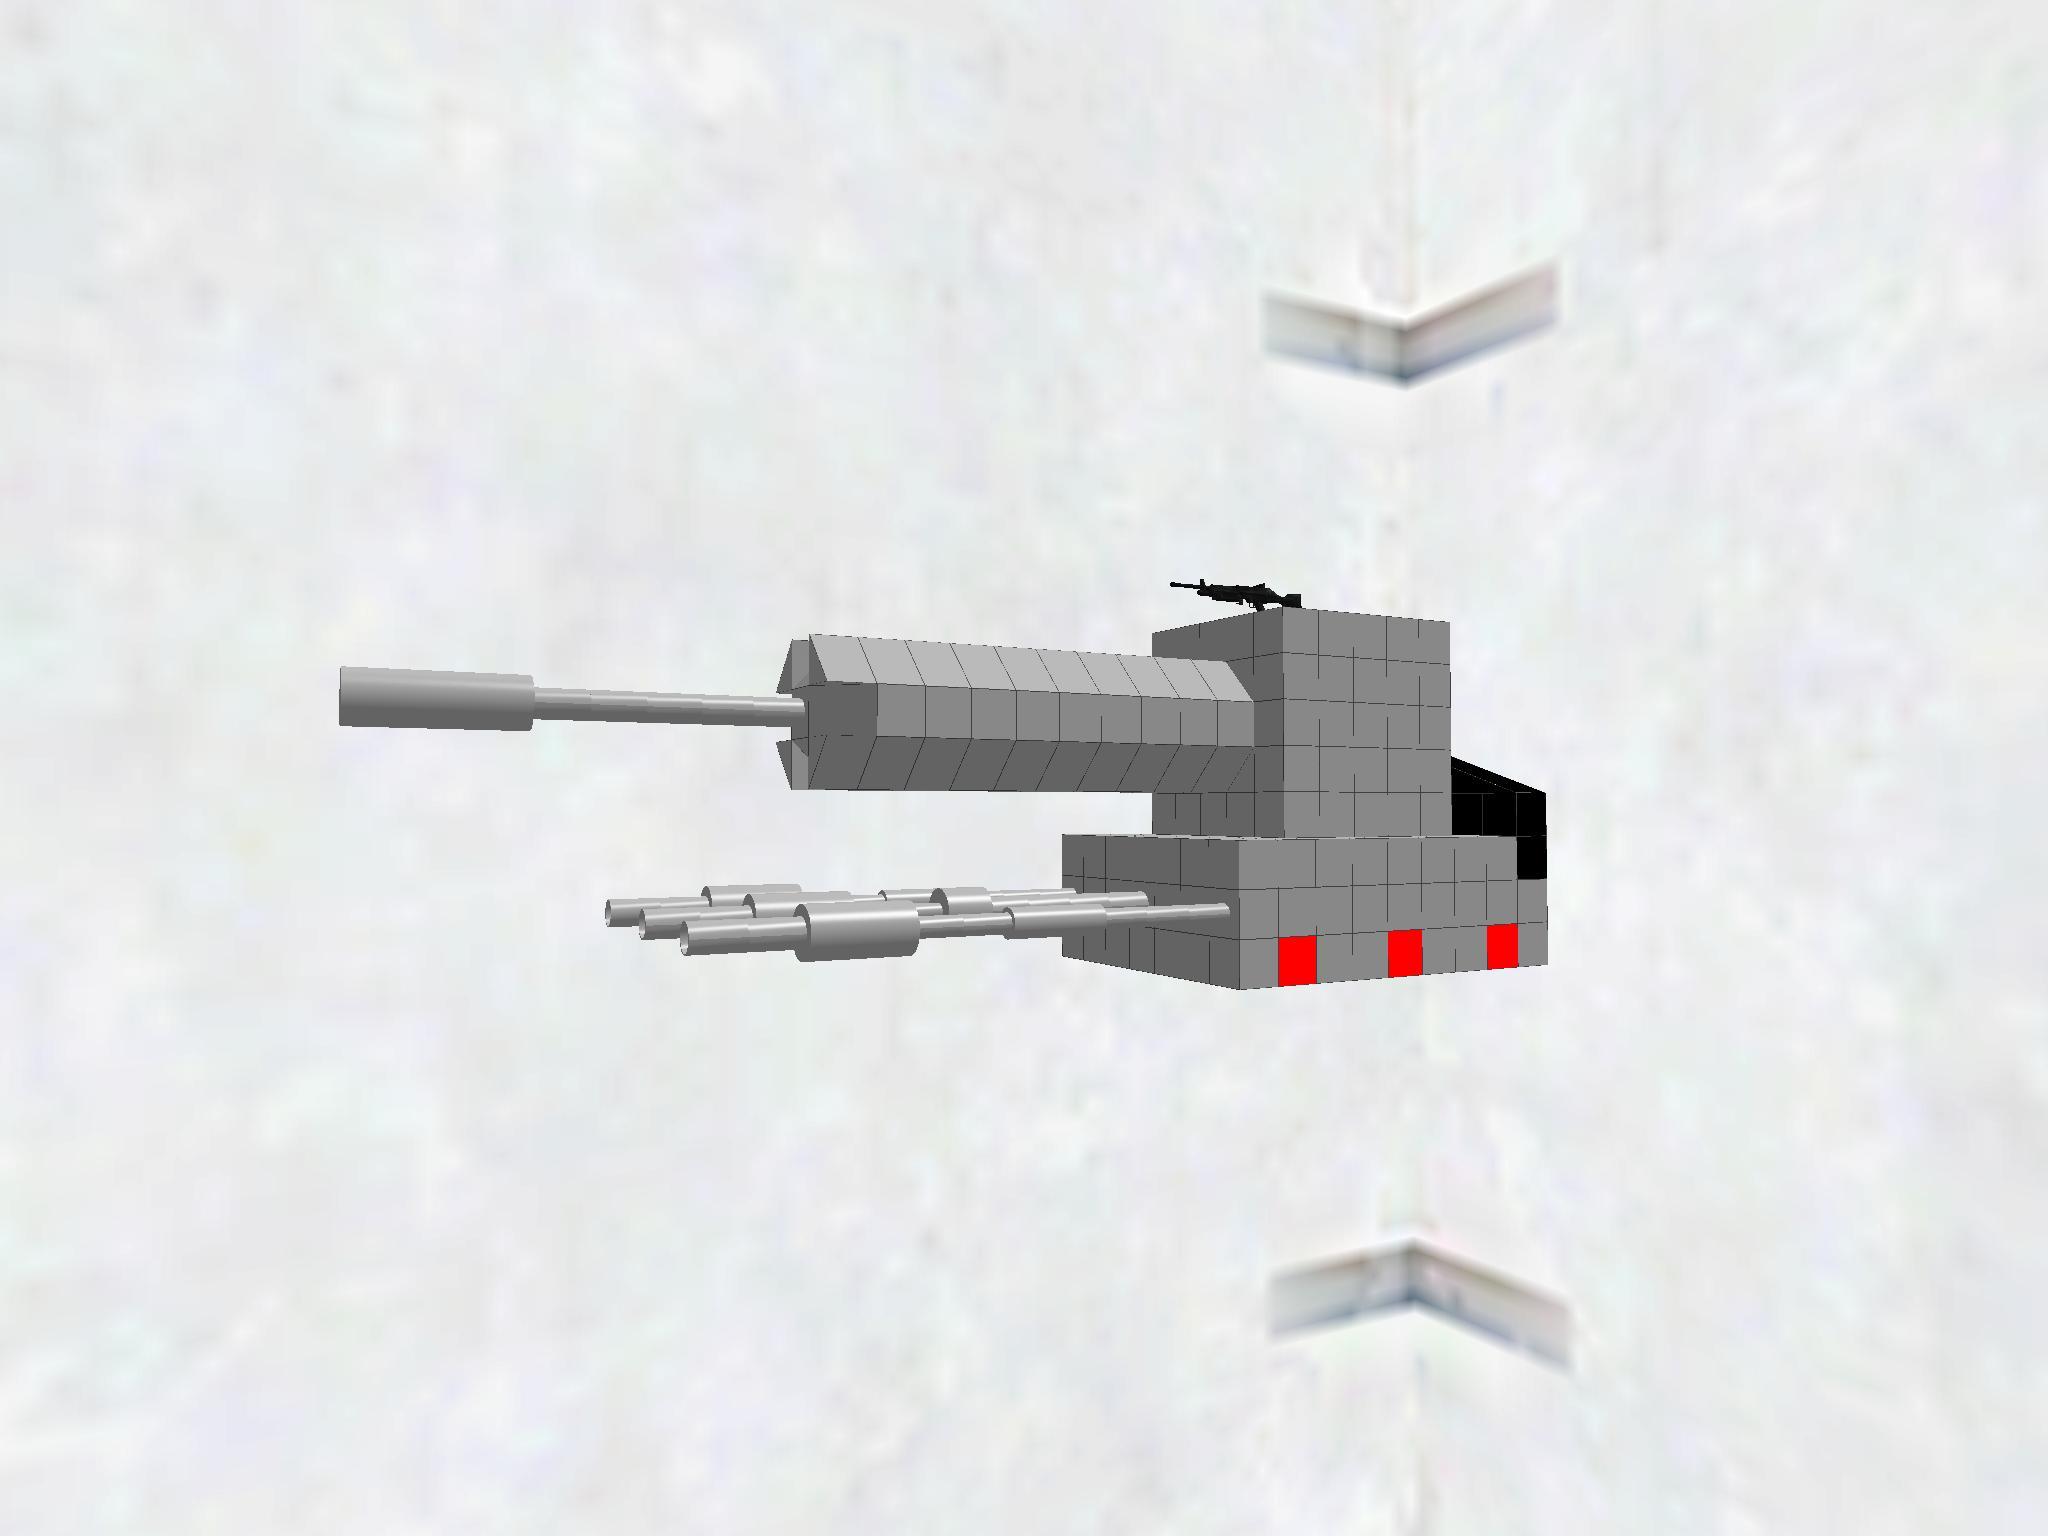 自作戦車  K-43